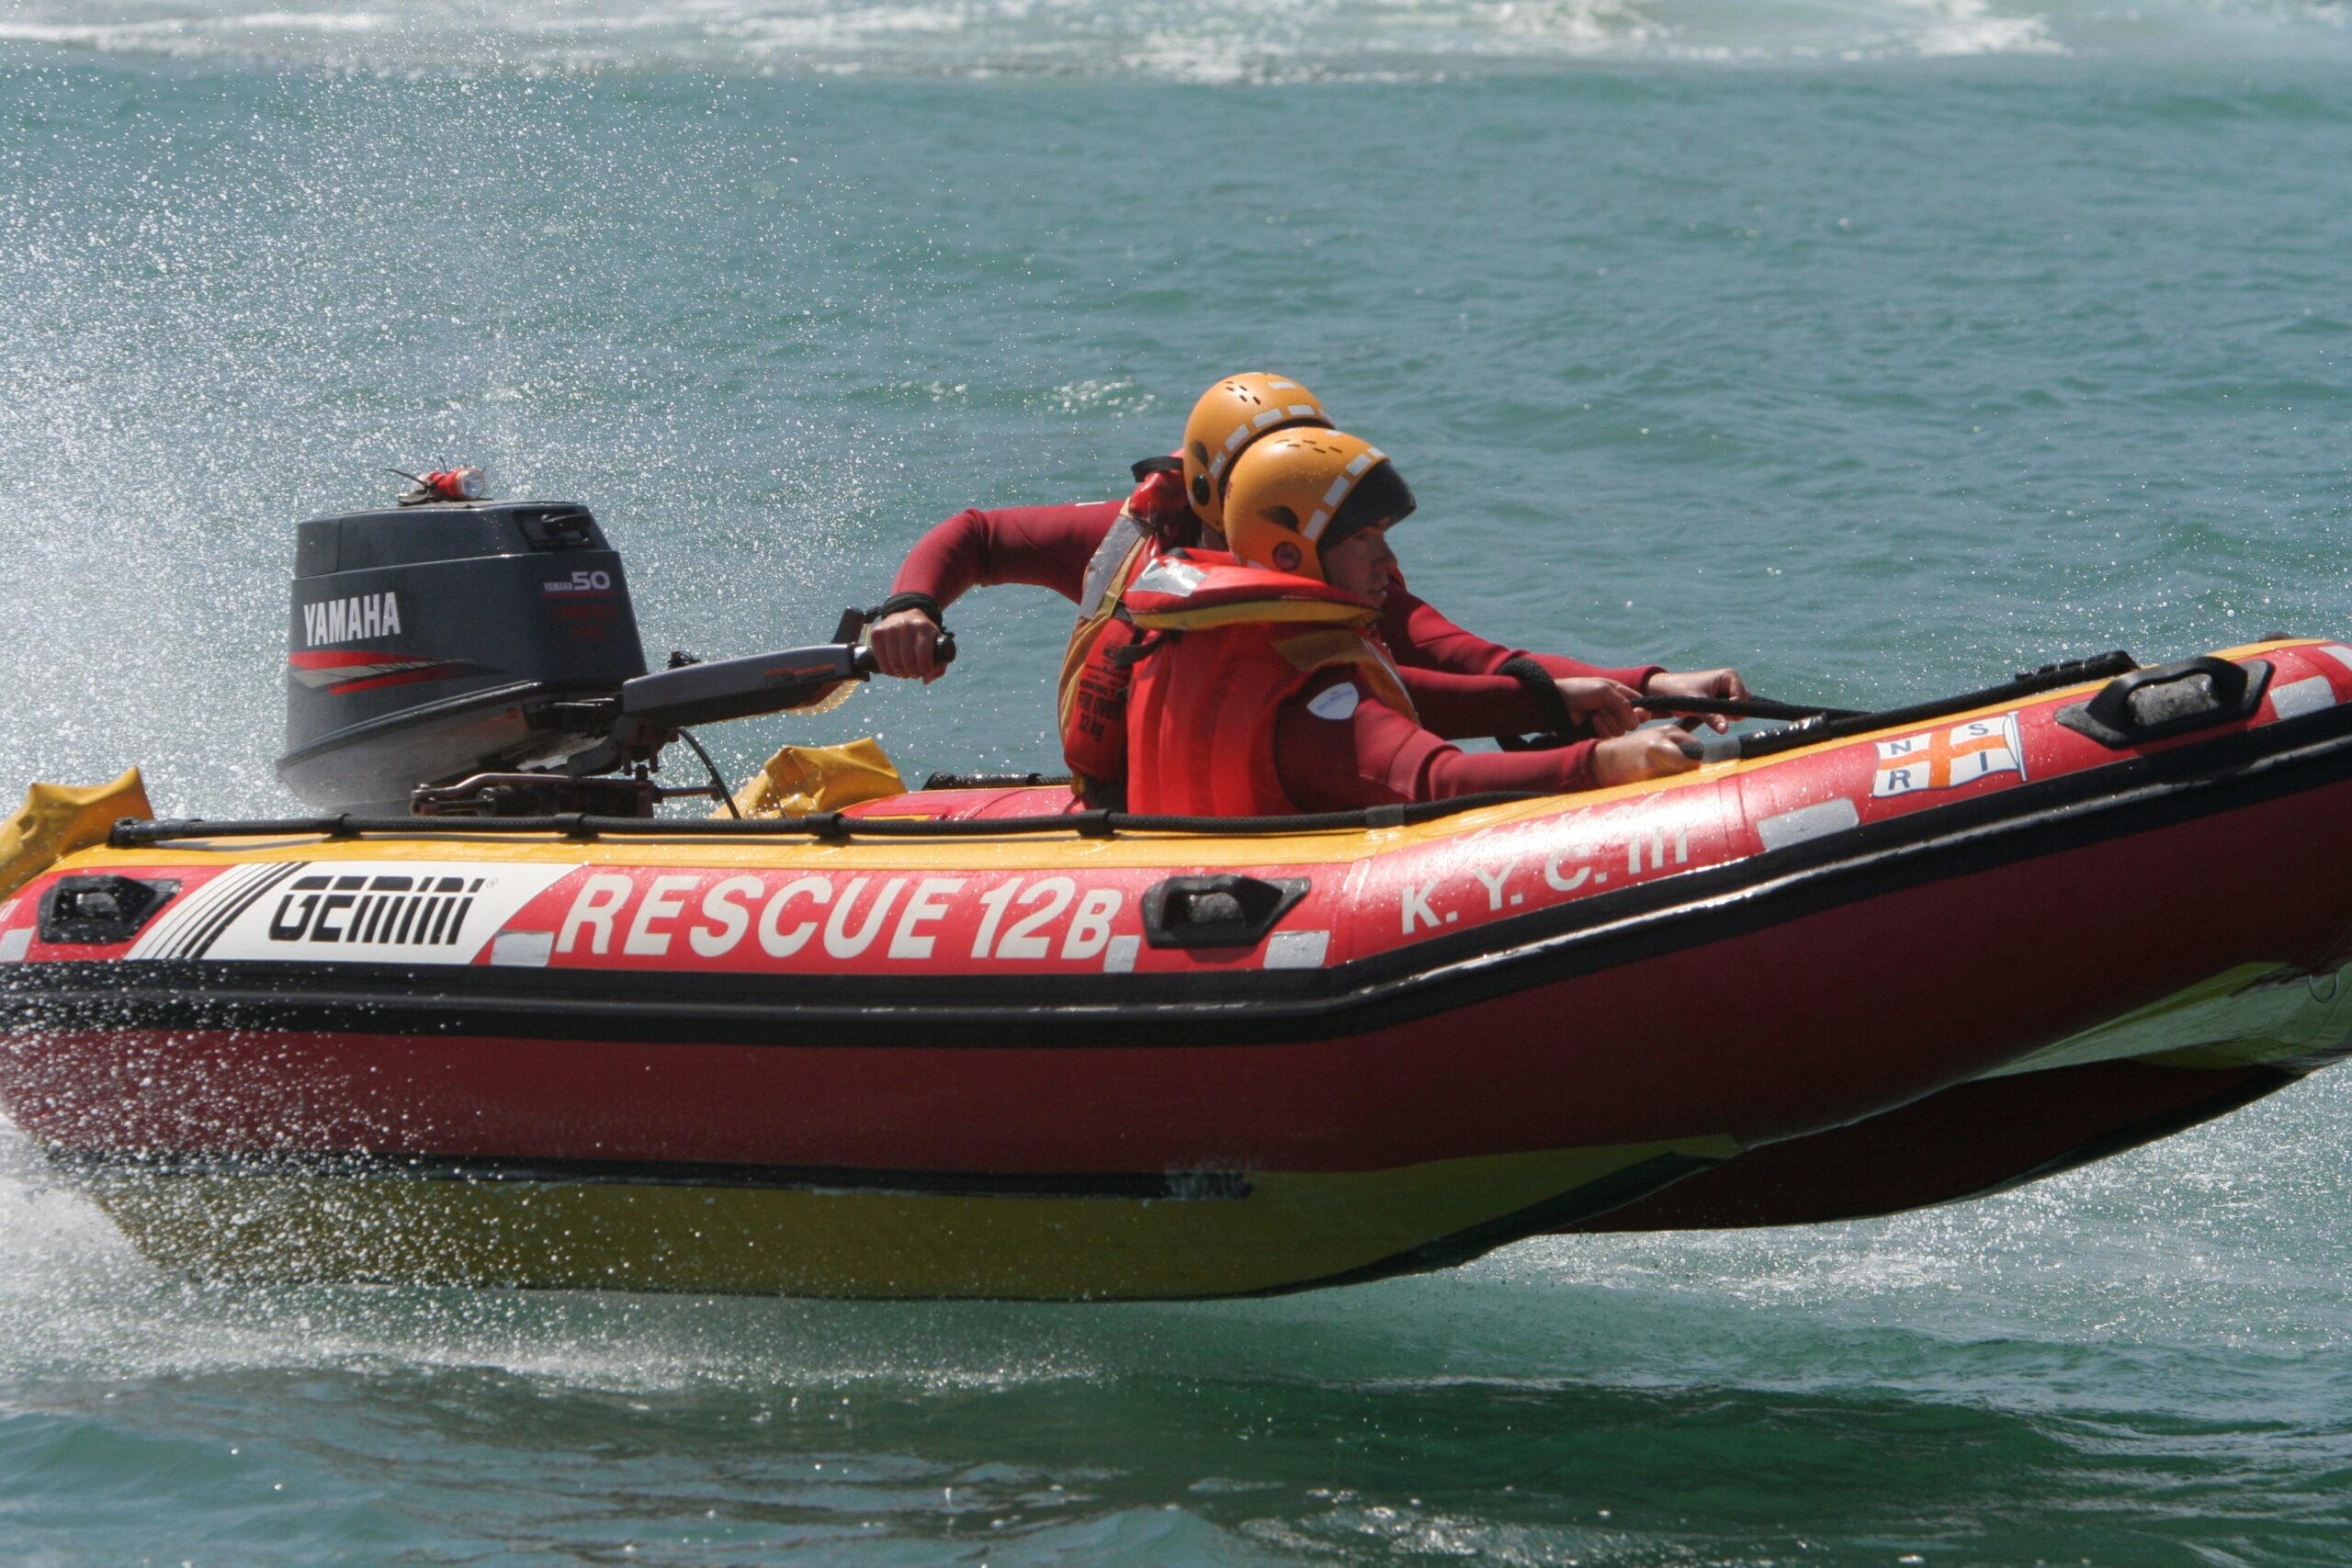 IBR.US Gemini GRX 420 Rescue